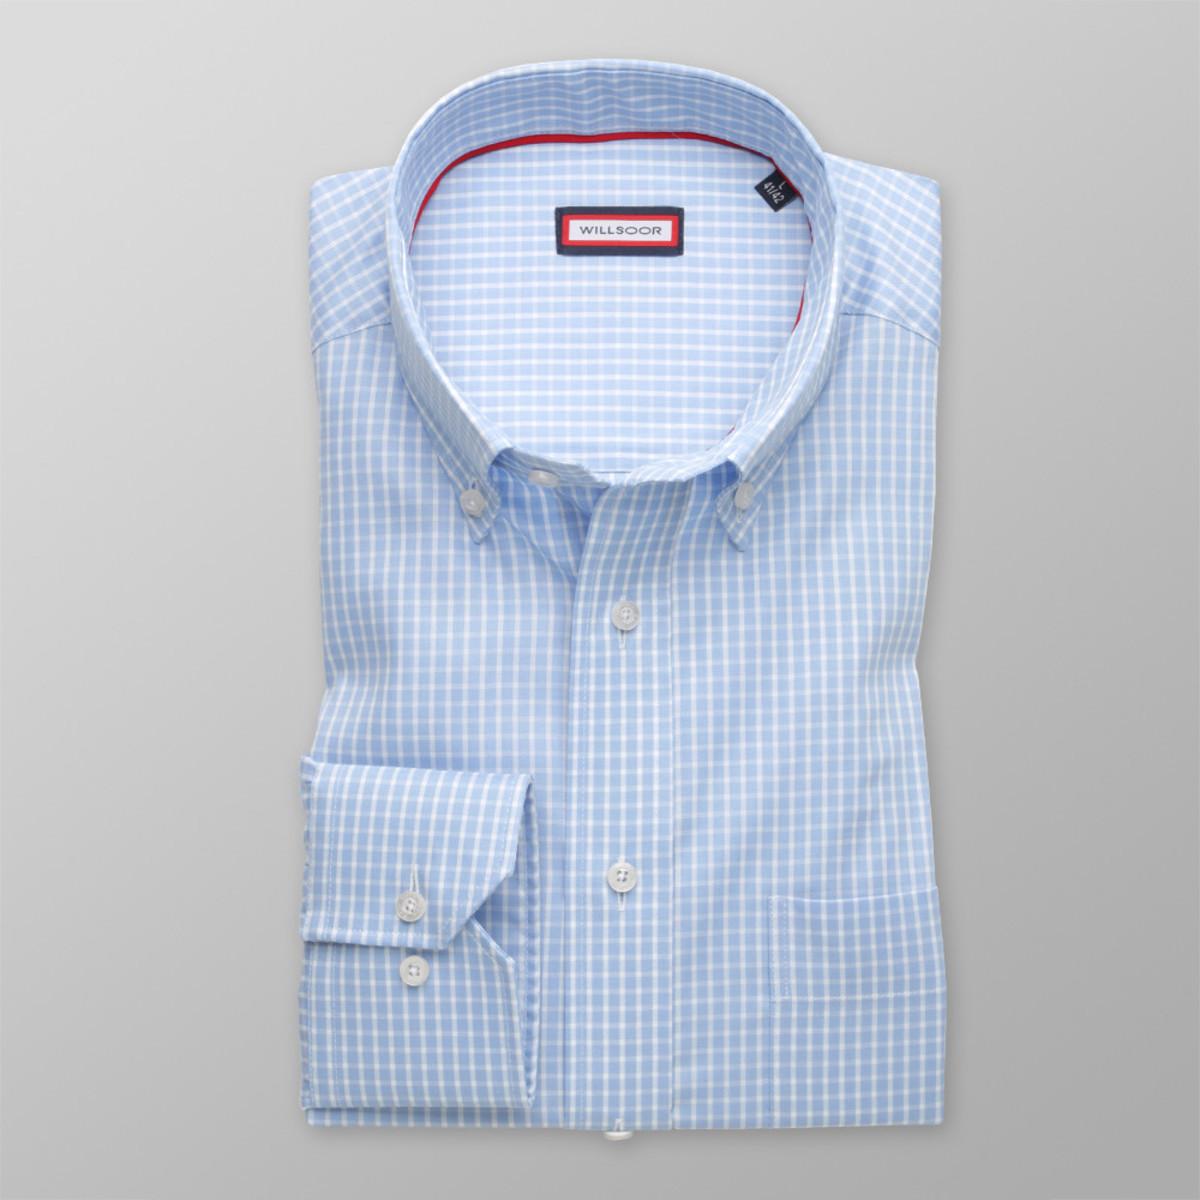 Pánska klasická košeľa Classic (výška188-194) 8789 188-194 / XL (43/44)